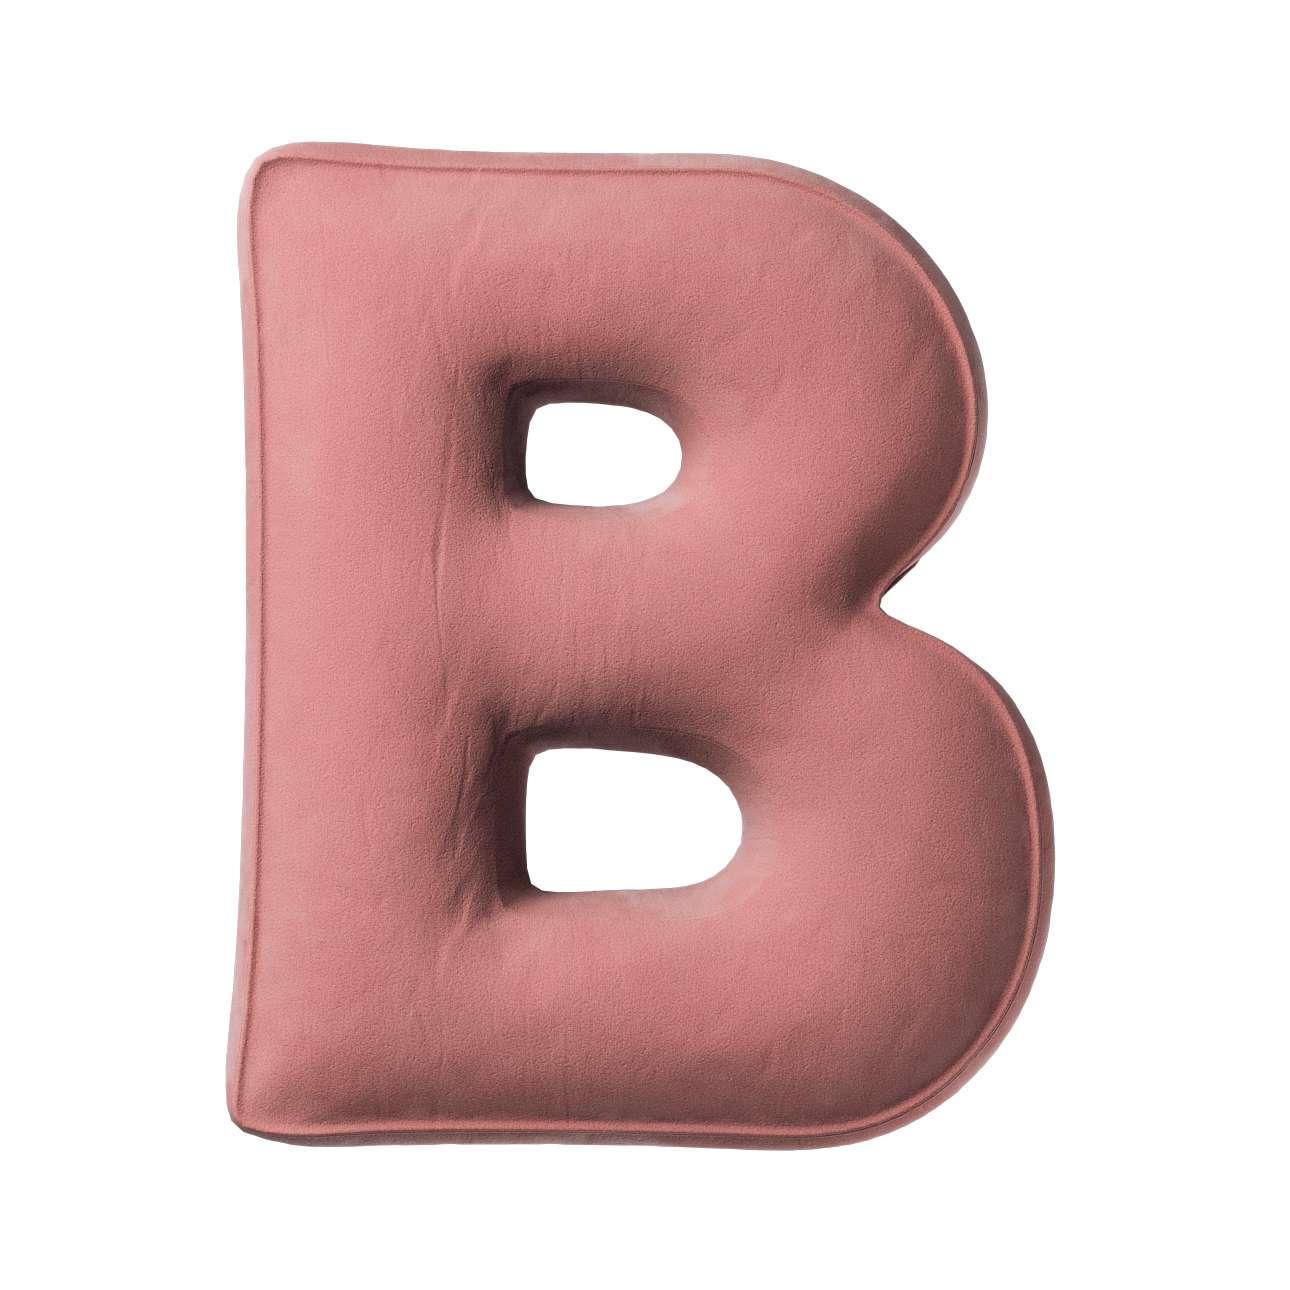 Buchstabenkissen B von der Kollektion Posh Velvet, Stoff: 704-30